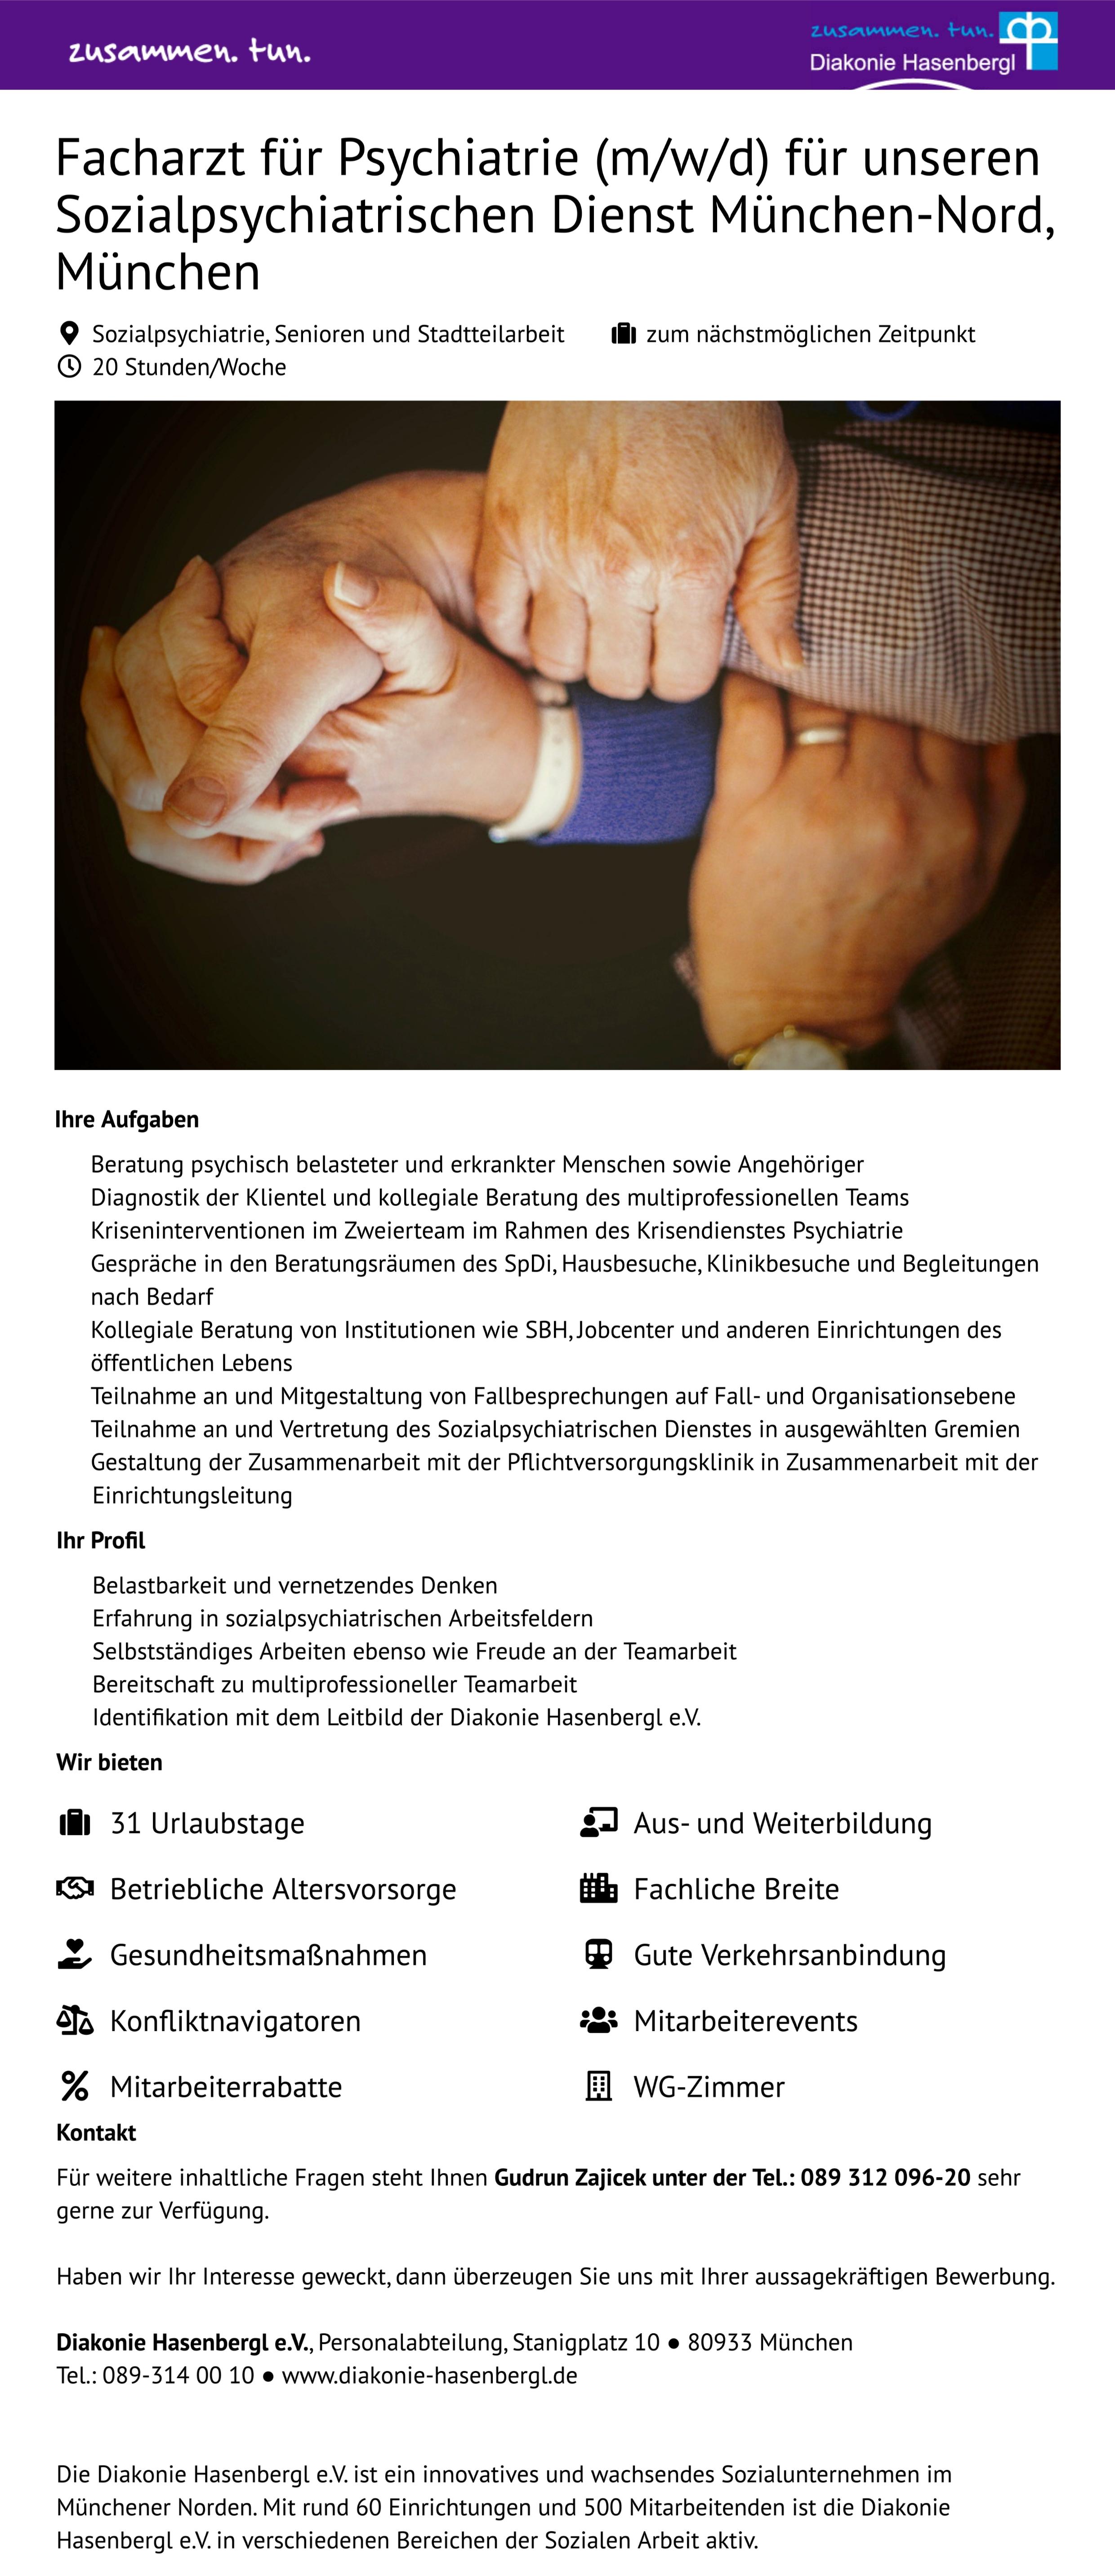 Facharzt für Psychiatrie (m/w/d) für unseren Sozialpsychiatrischen Dienst München-Nord, München